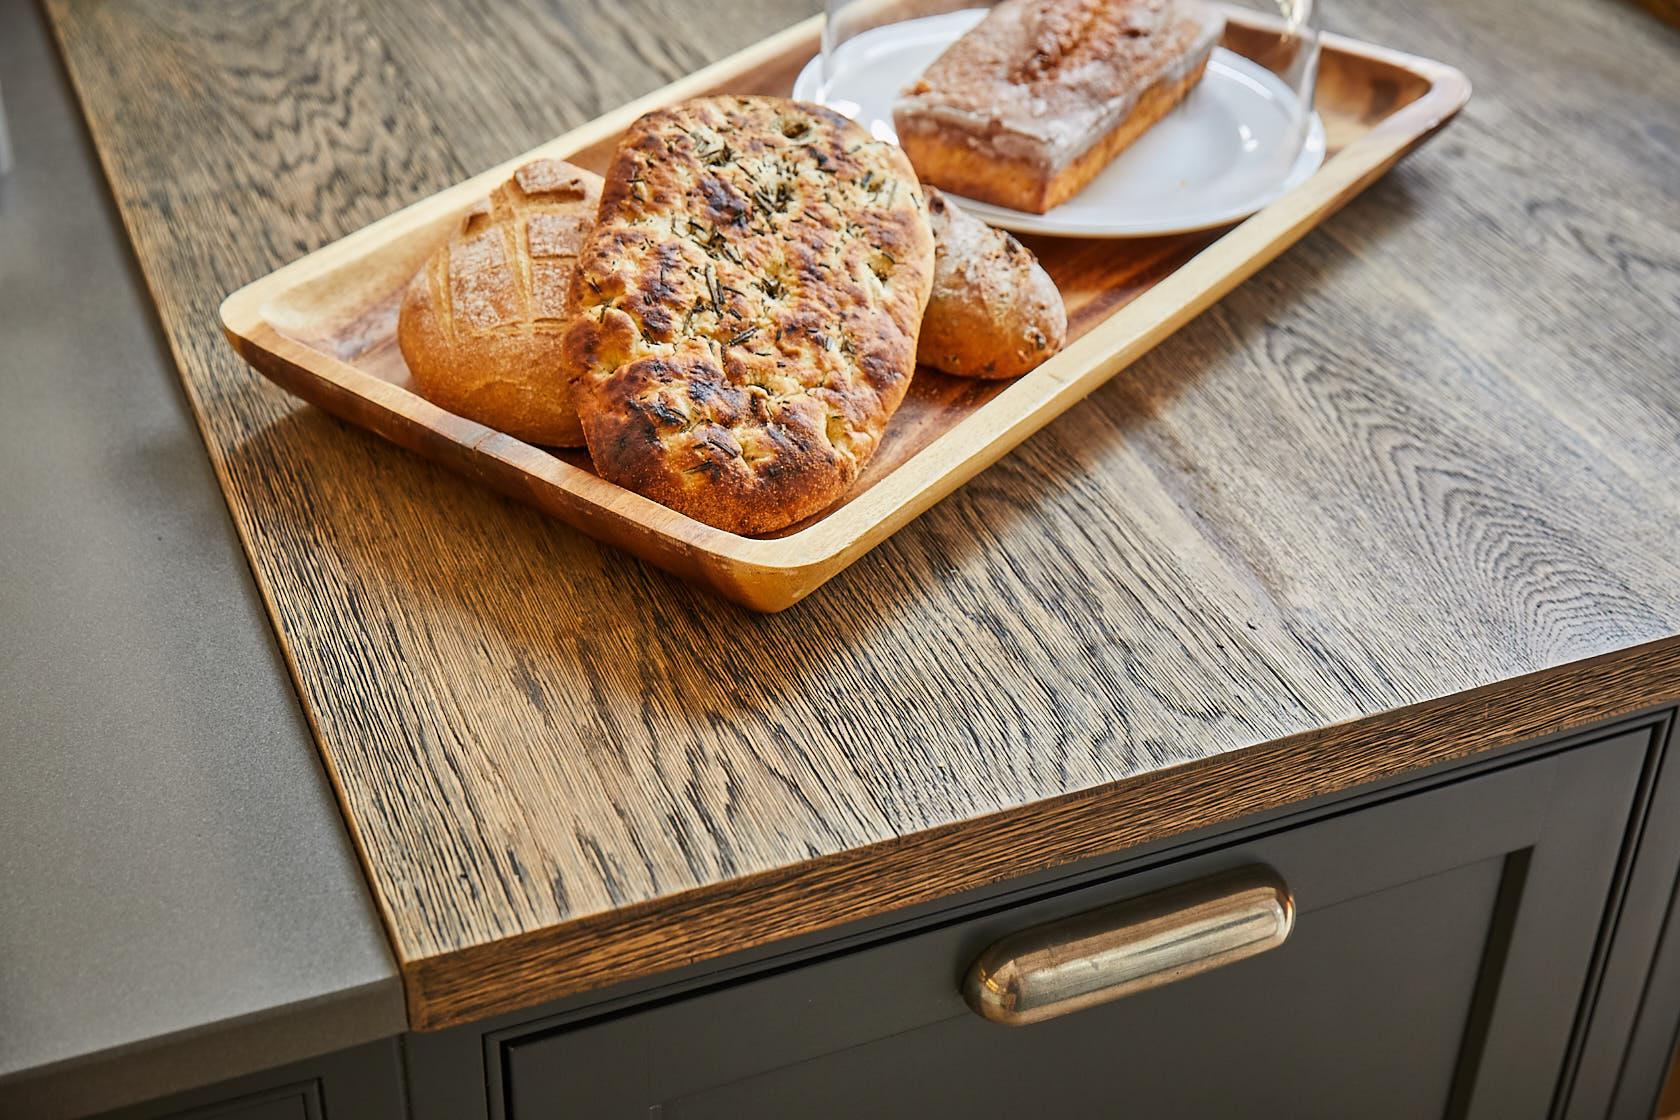 Fresh bread sits on engineered rustic oak wood worktop